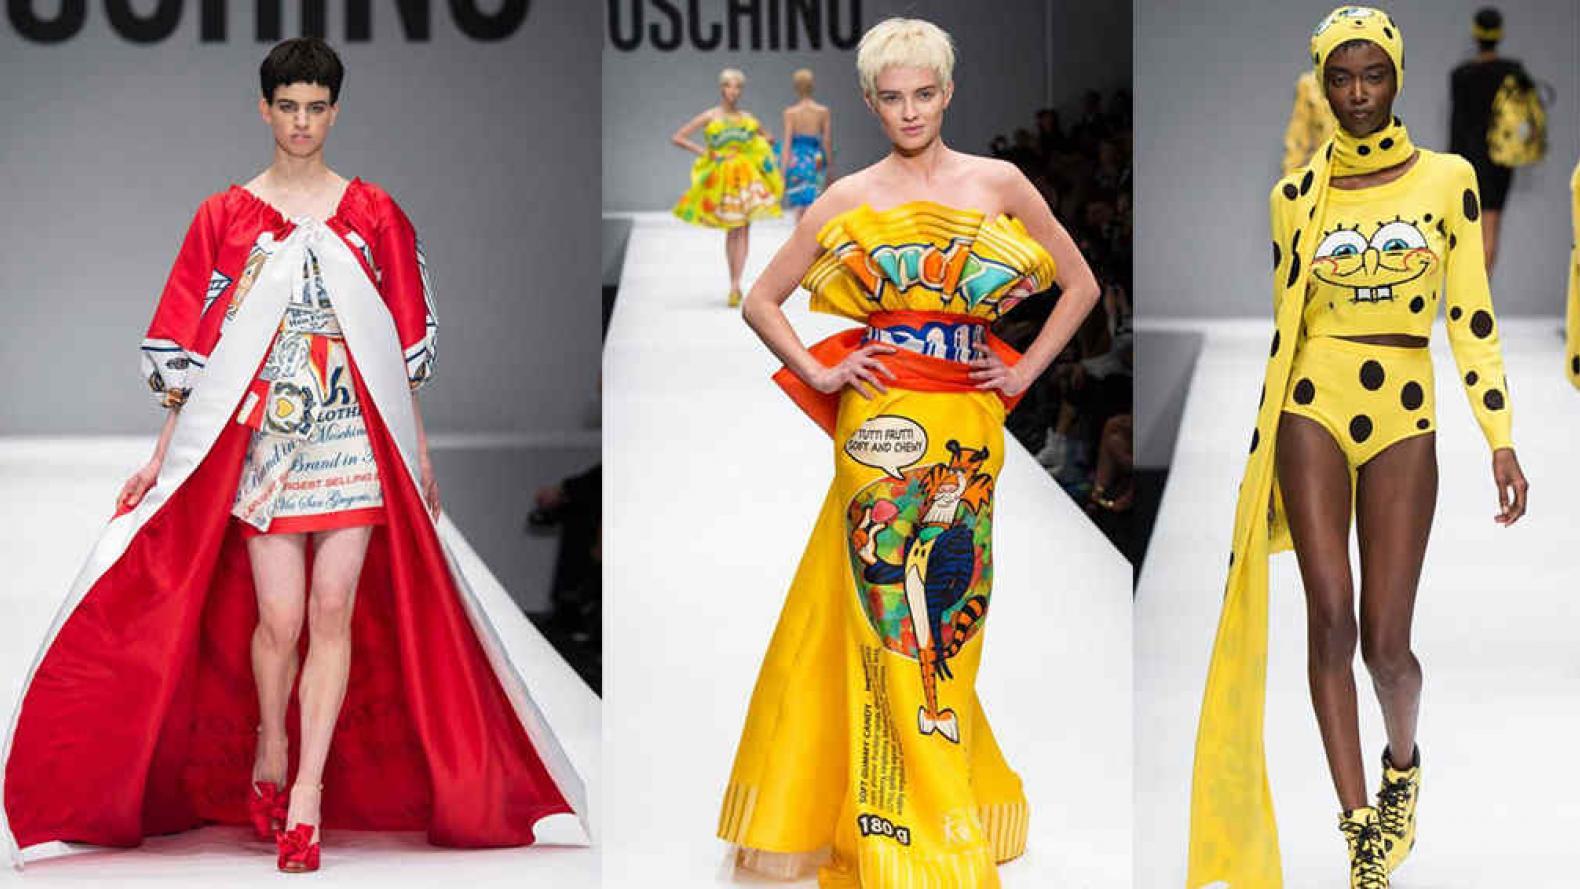 16b4e3ef1e4 El divertido desfile de Moschino inspirado en la comida rápida | MUSA